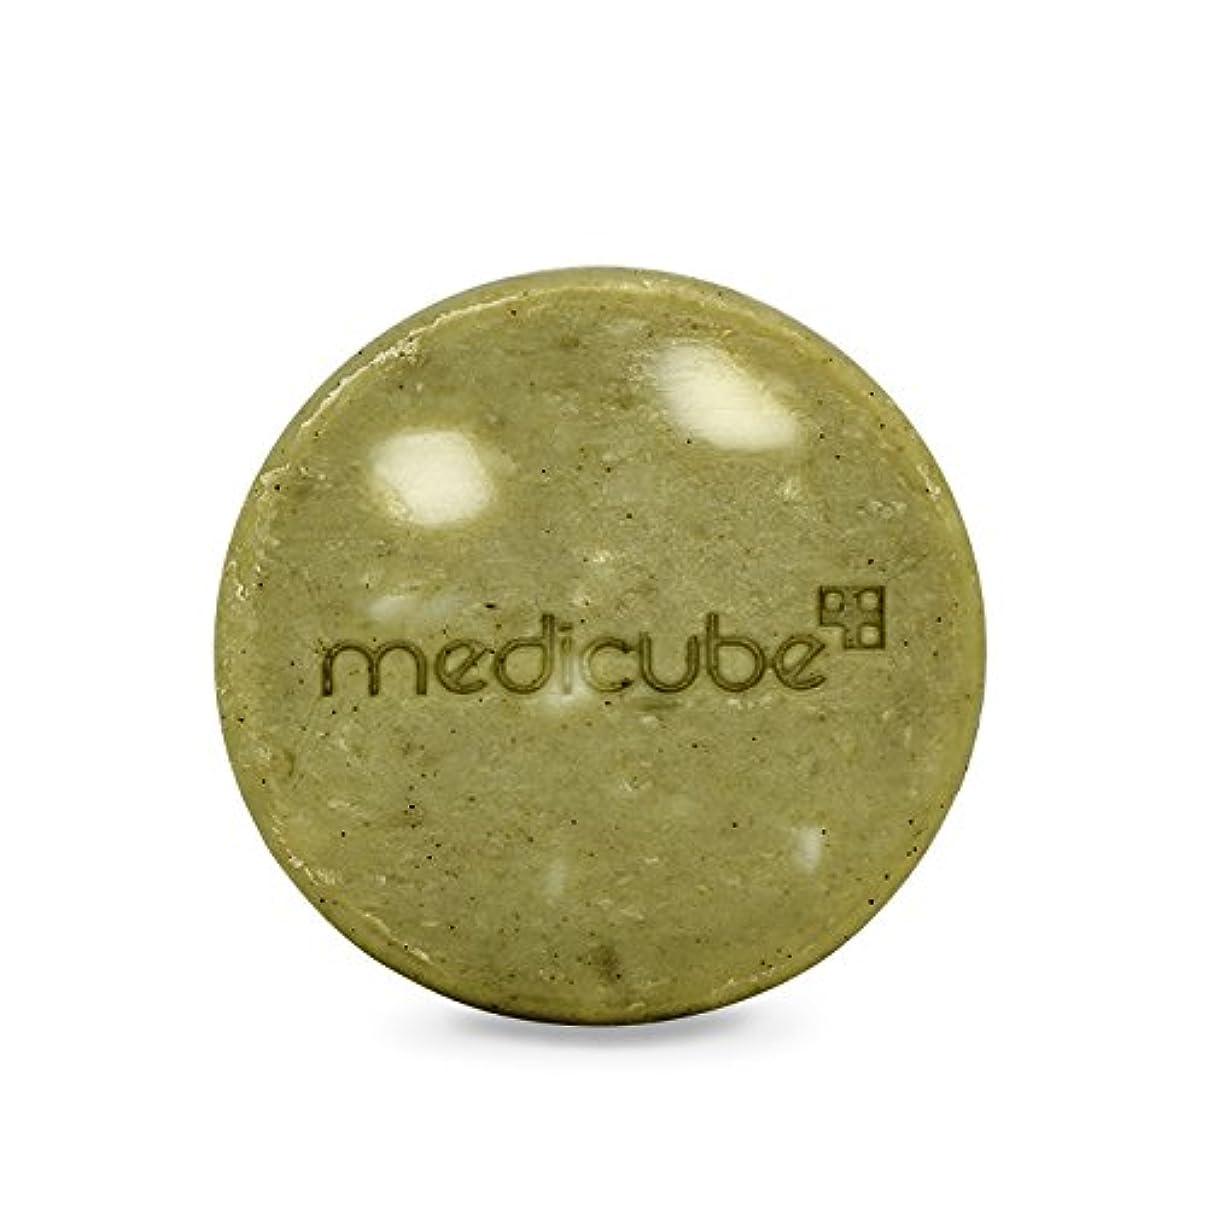 揮発性引退する刺します[Medicube]Red Body Bar / メディキューブレッドボディバー / 正品?海外直送商品 [並行輸入品]